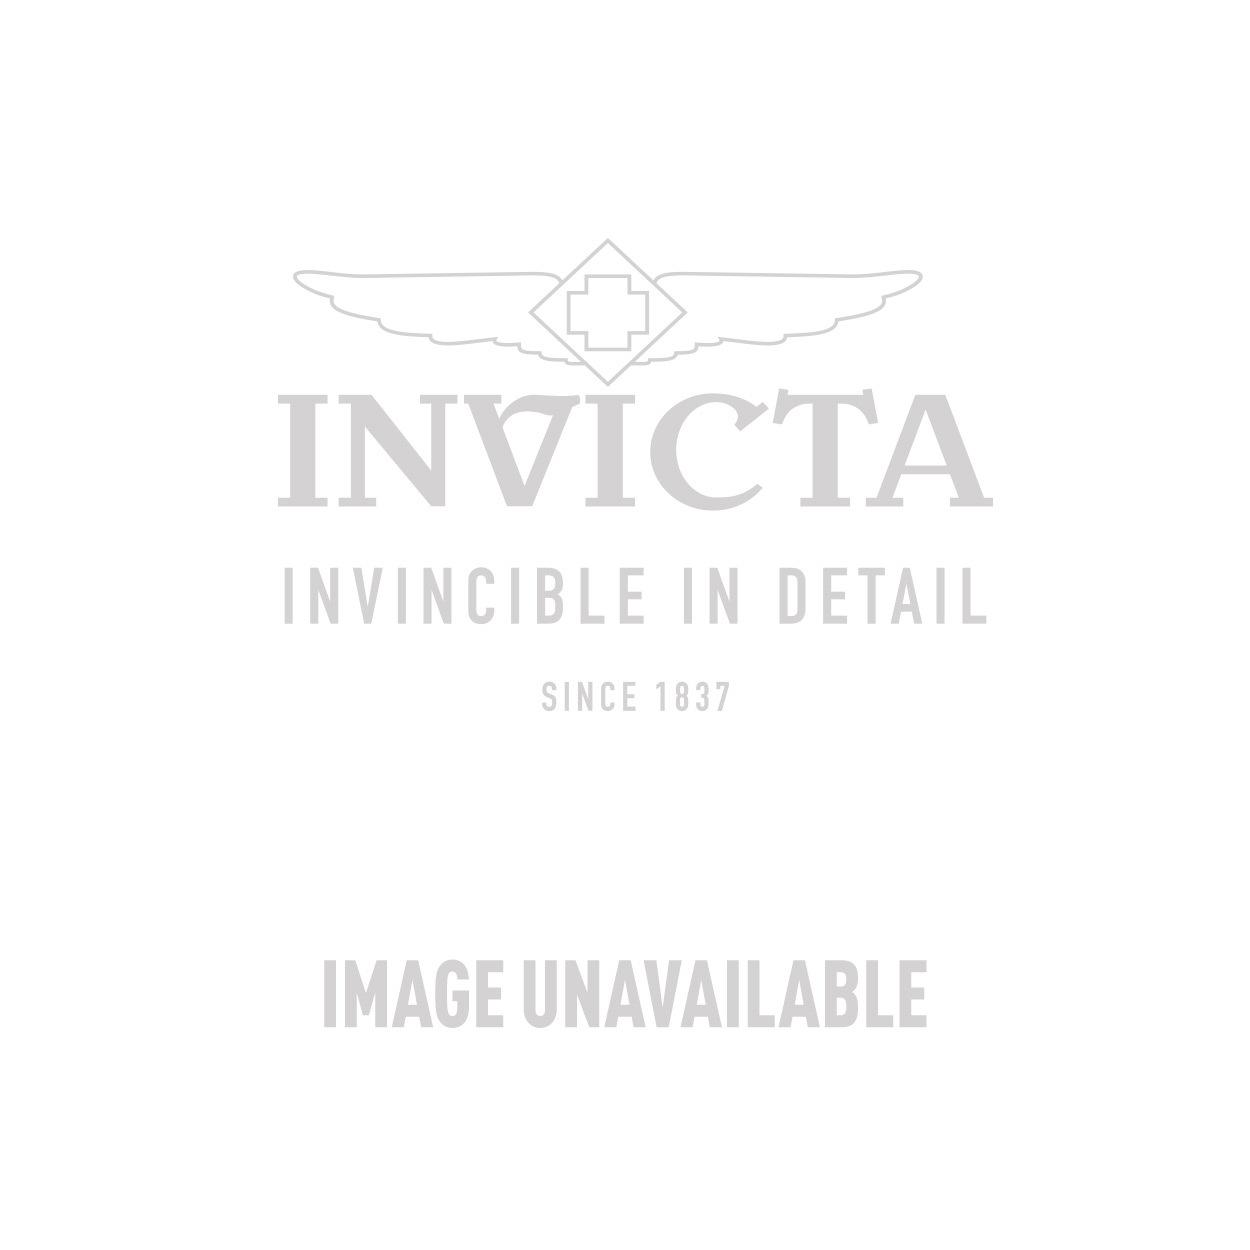 Invicta Model 26494